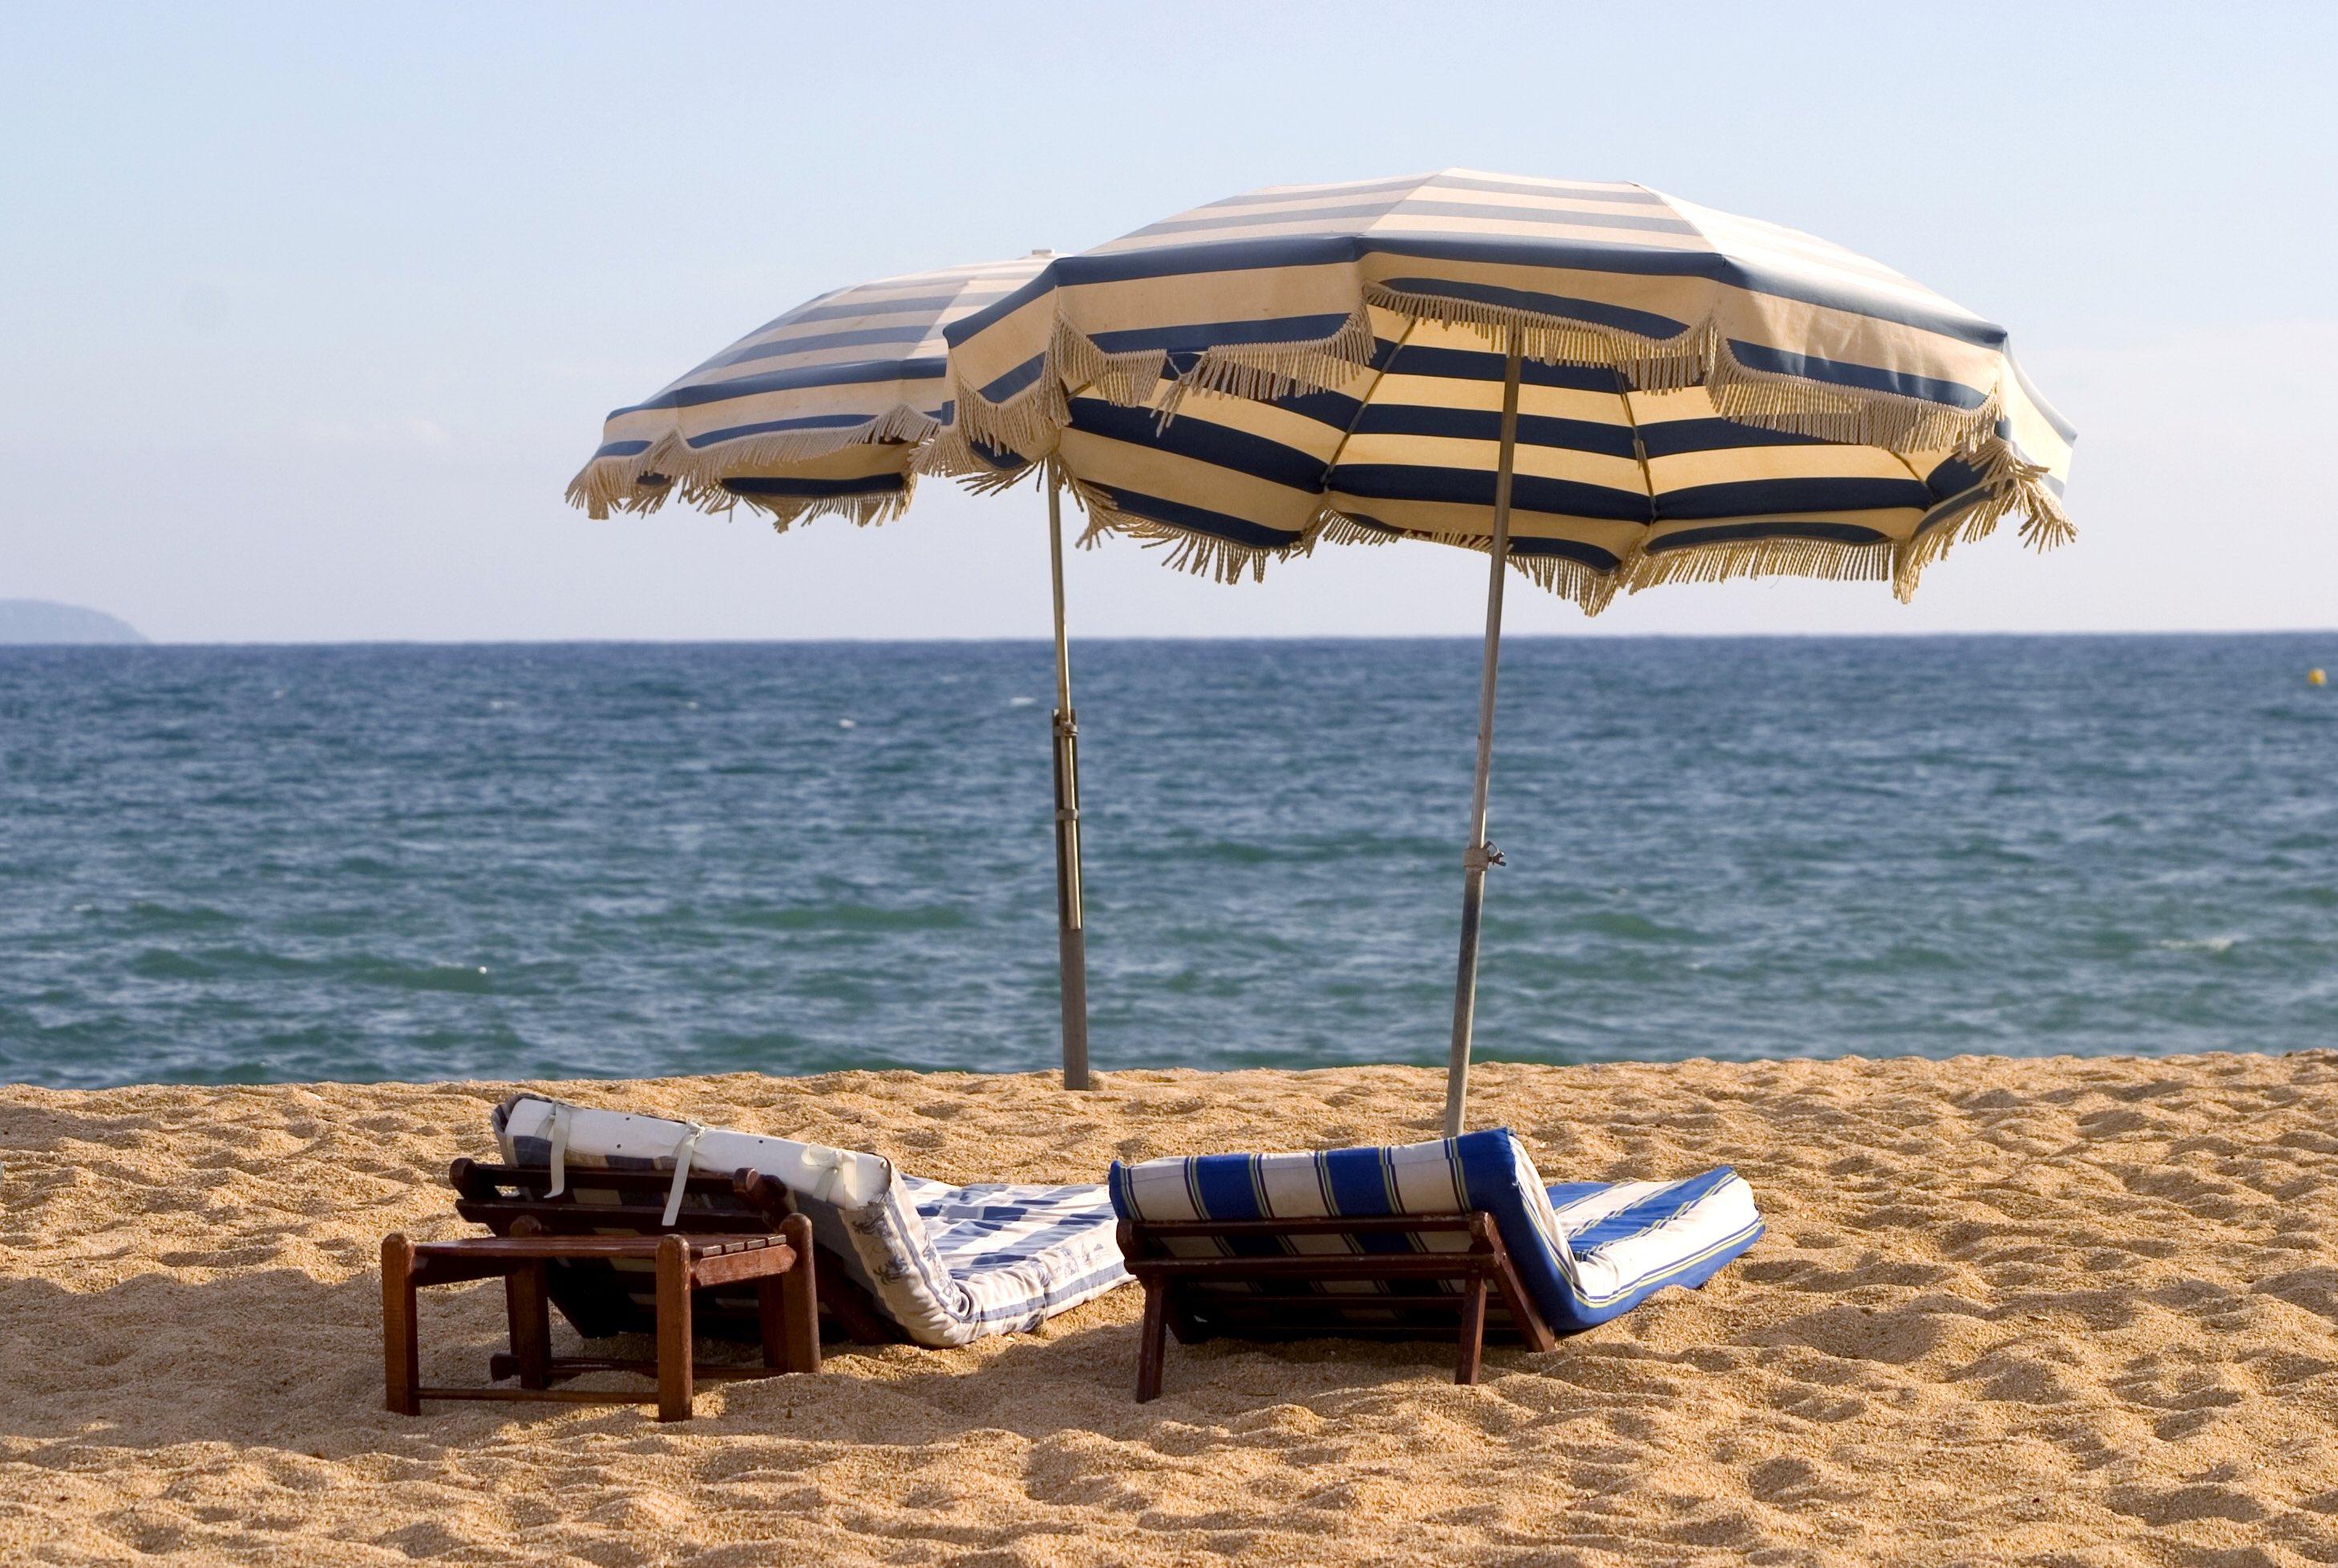 vacances la mer trouver les plus belles plages planche kite surf. Black Bedroom Furniture Sets. Home Design Ideas